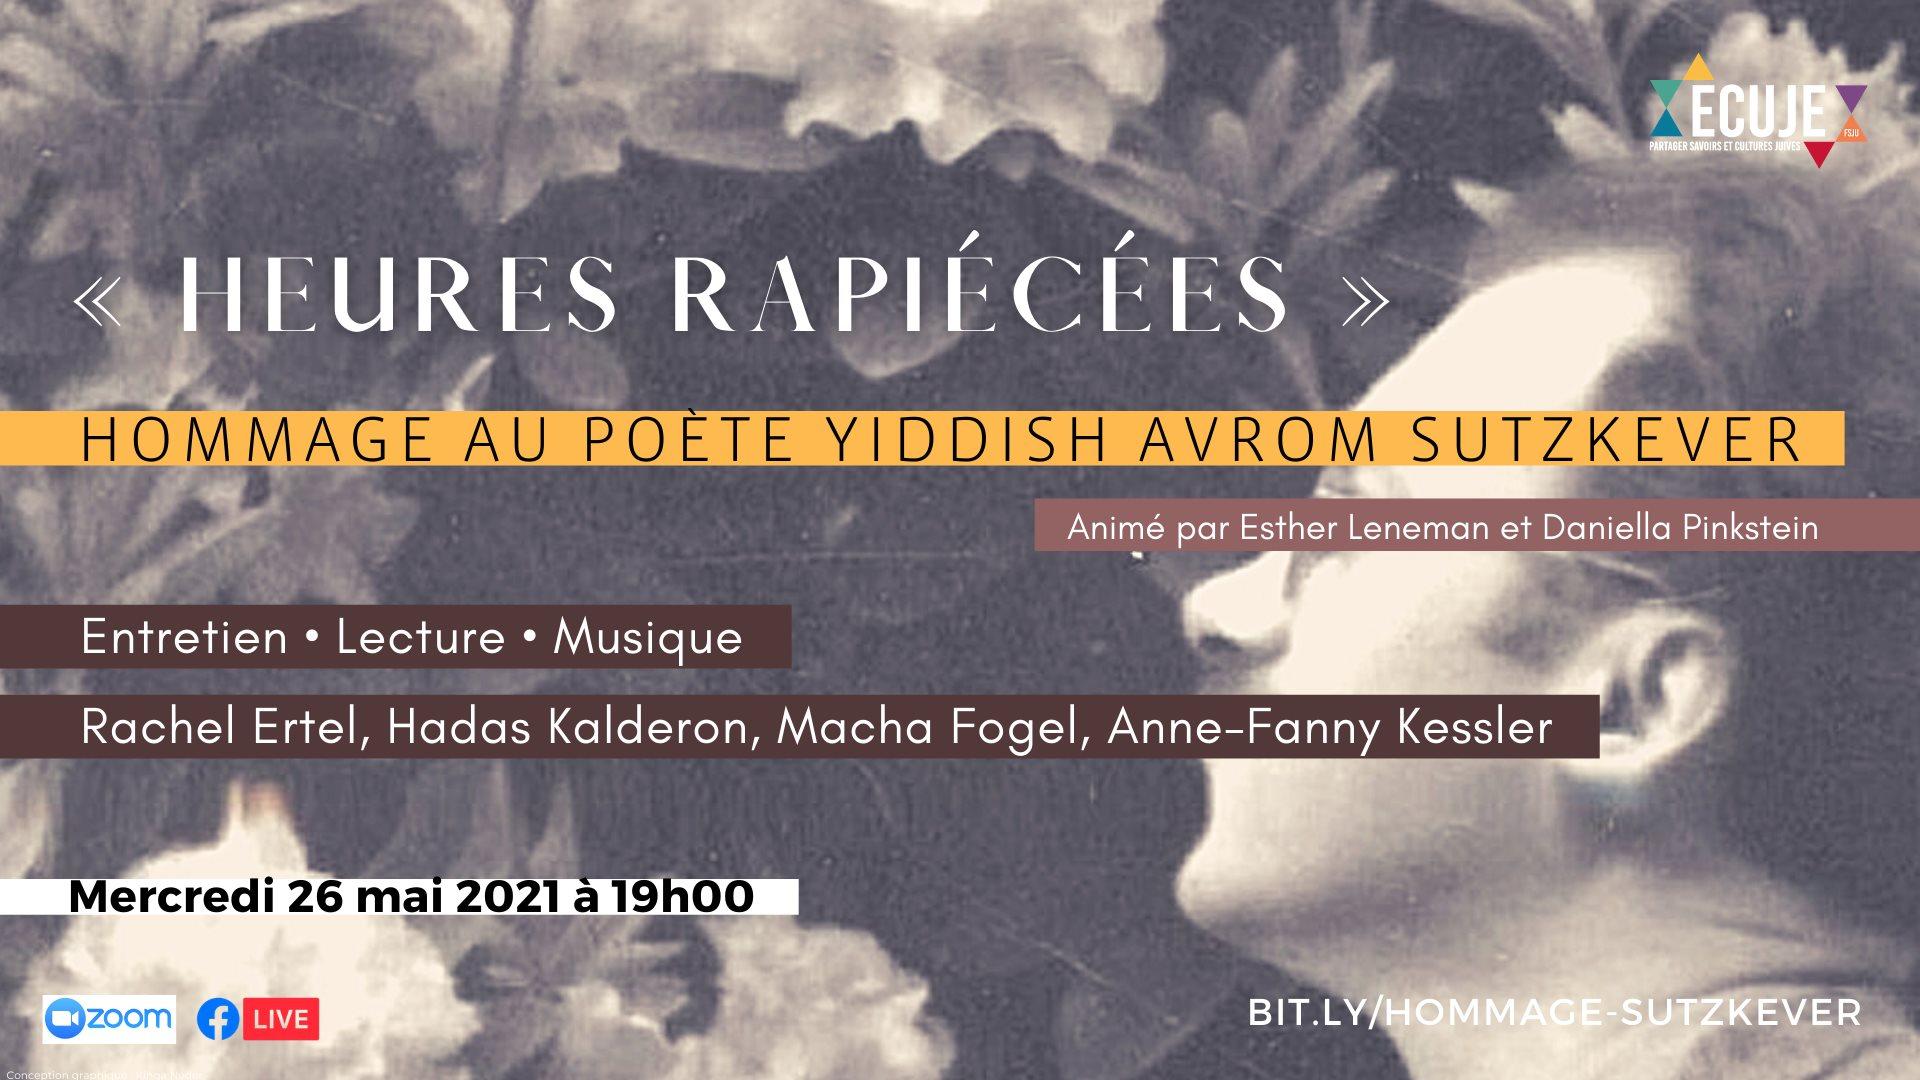 Heures rapiécées: hommage au poète yiddish Avrom Stuzkever, avec Rachel Ertel